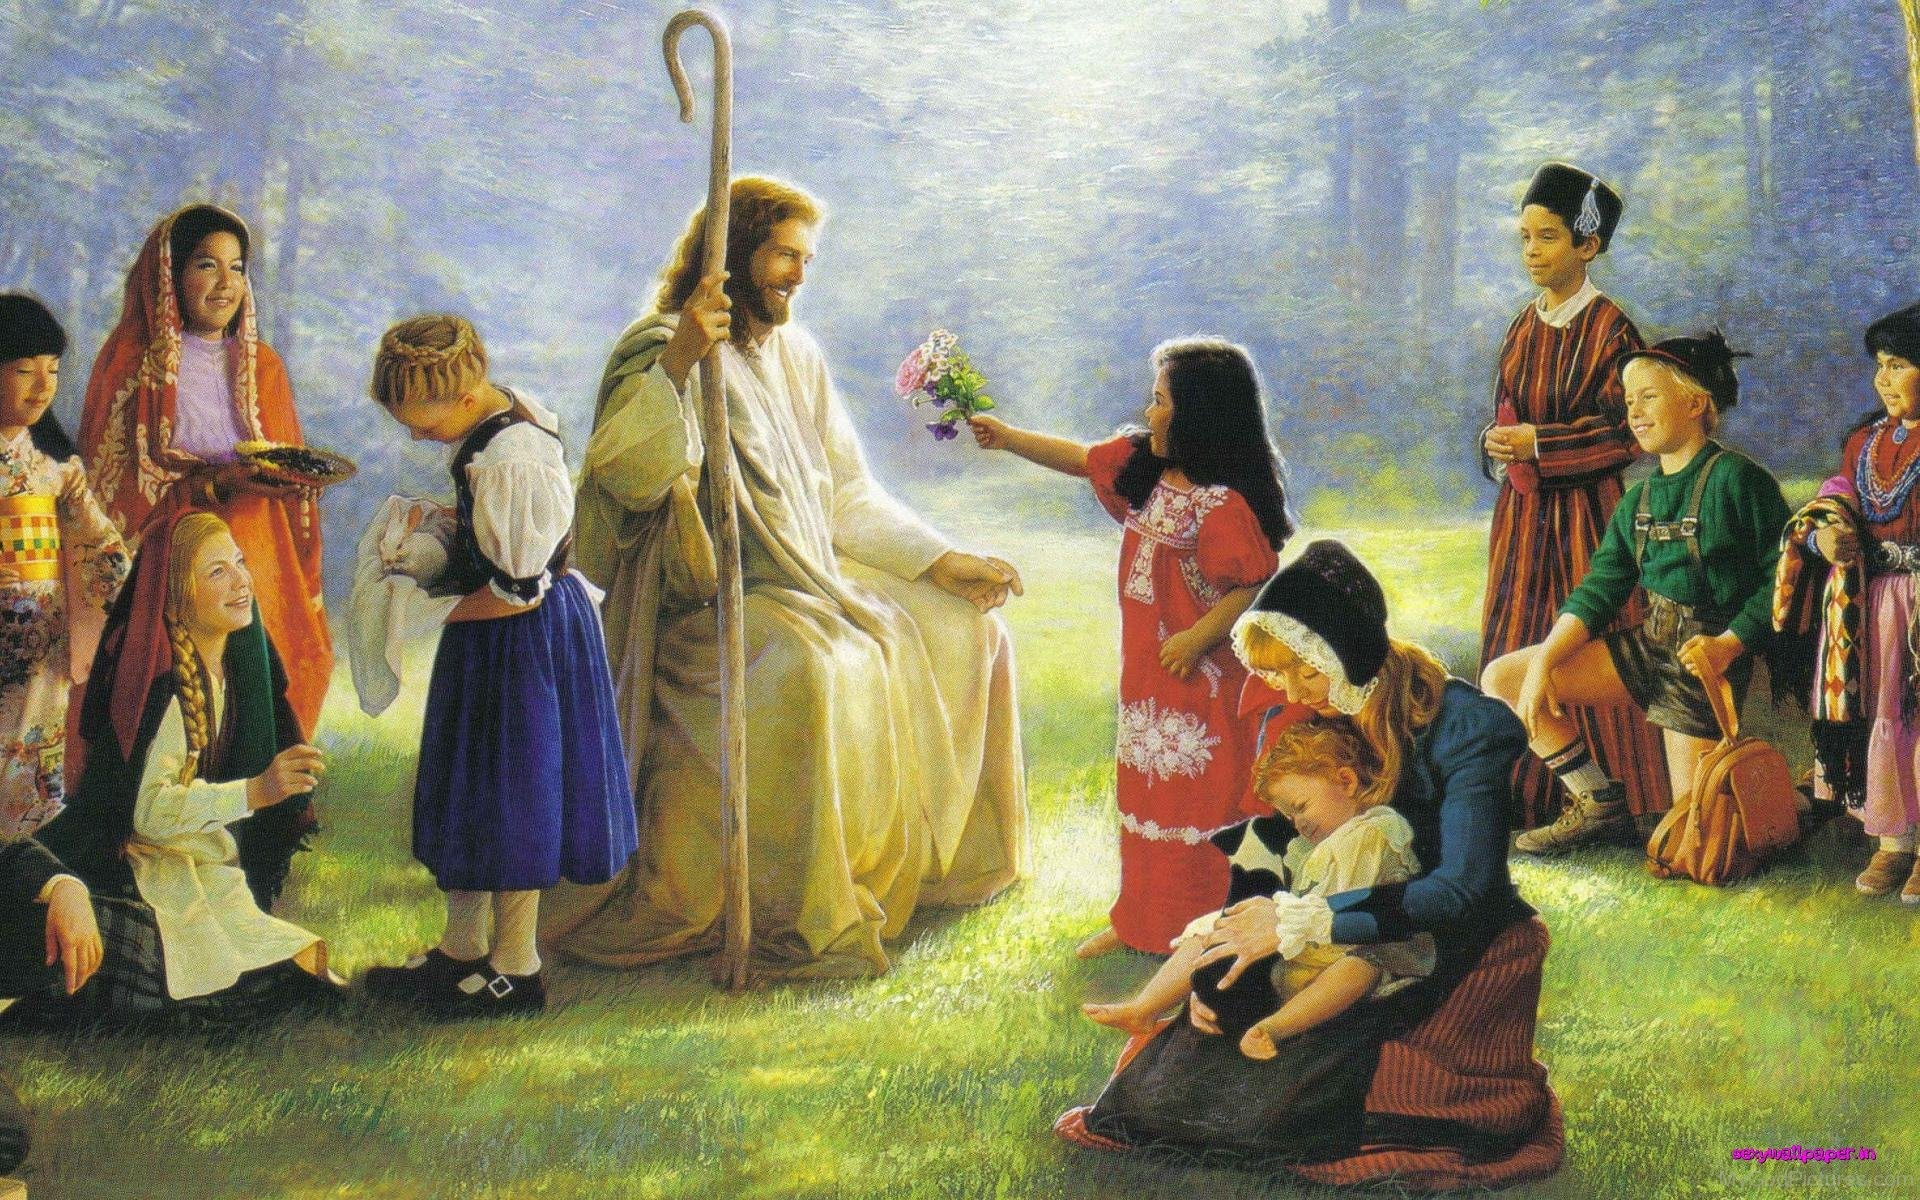 megtisztulásért2 - Így kezdd az új évet! Csodálatos imával a megbocsátásért... Atyám segíts nekem teljes szívből megbocsátani mindazoknak, akik fájdalmat okoztak nekem!